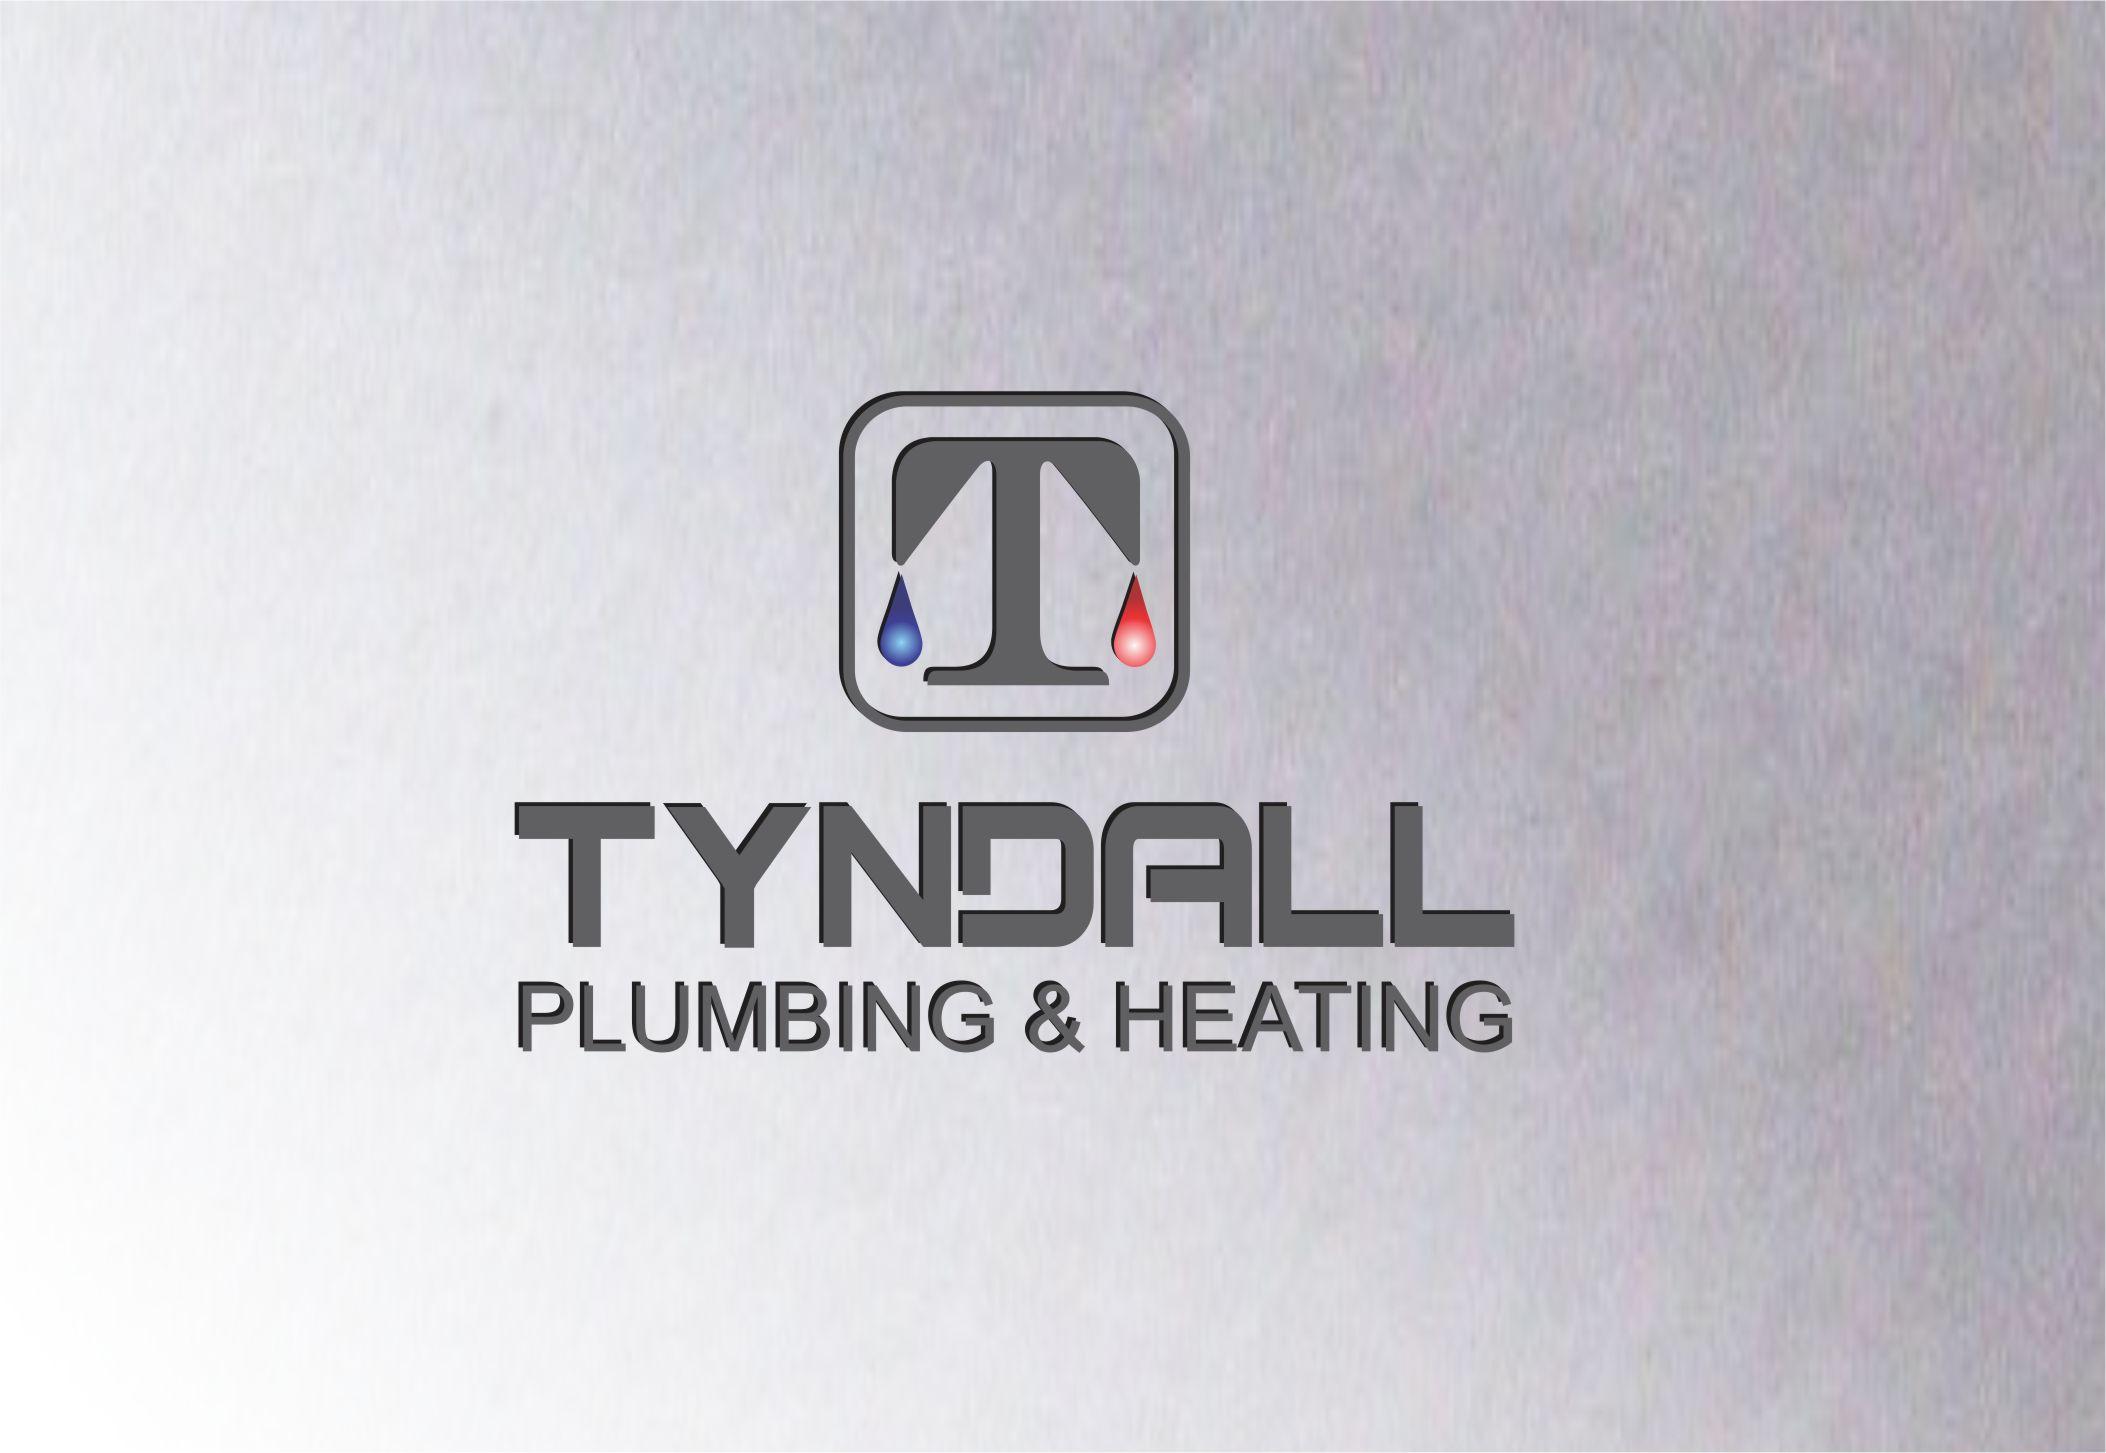 Logo Design by Nikola Kapunac - Entry No. 155 in the Logo Design Contest Imaginative Logo Design for Tyndall Plumbing & Heating.